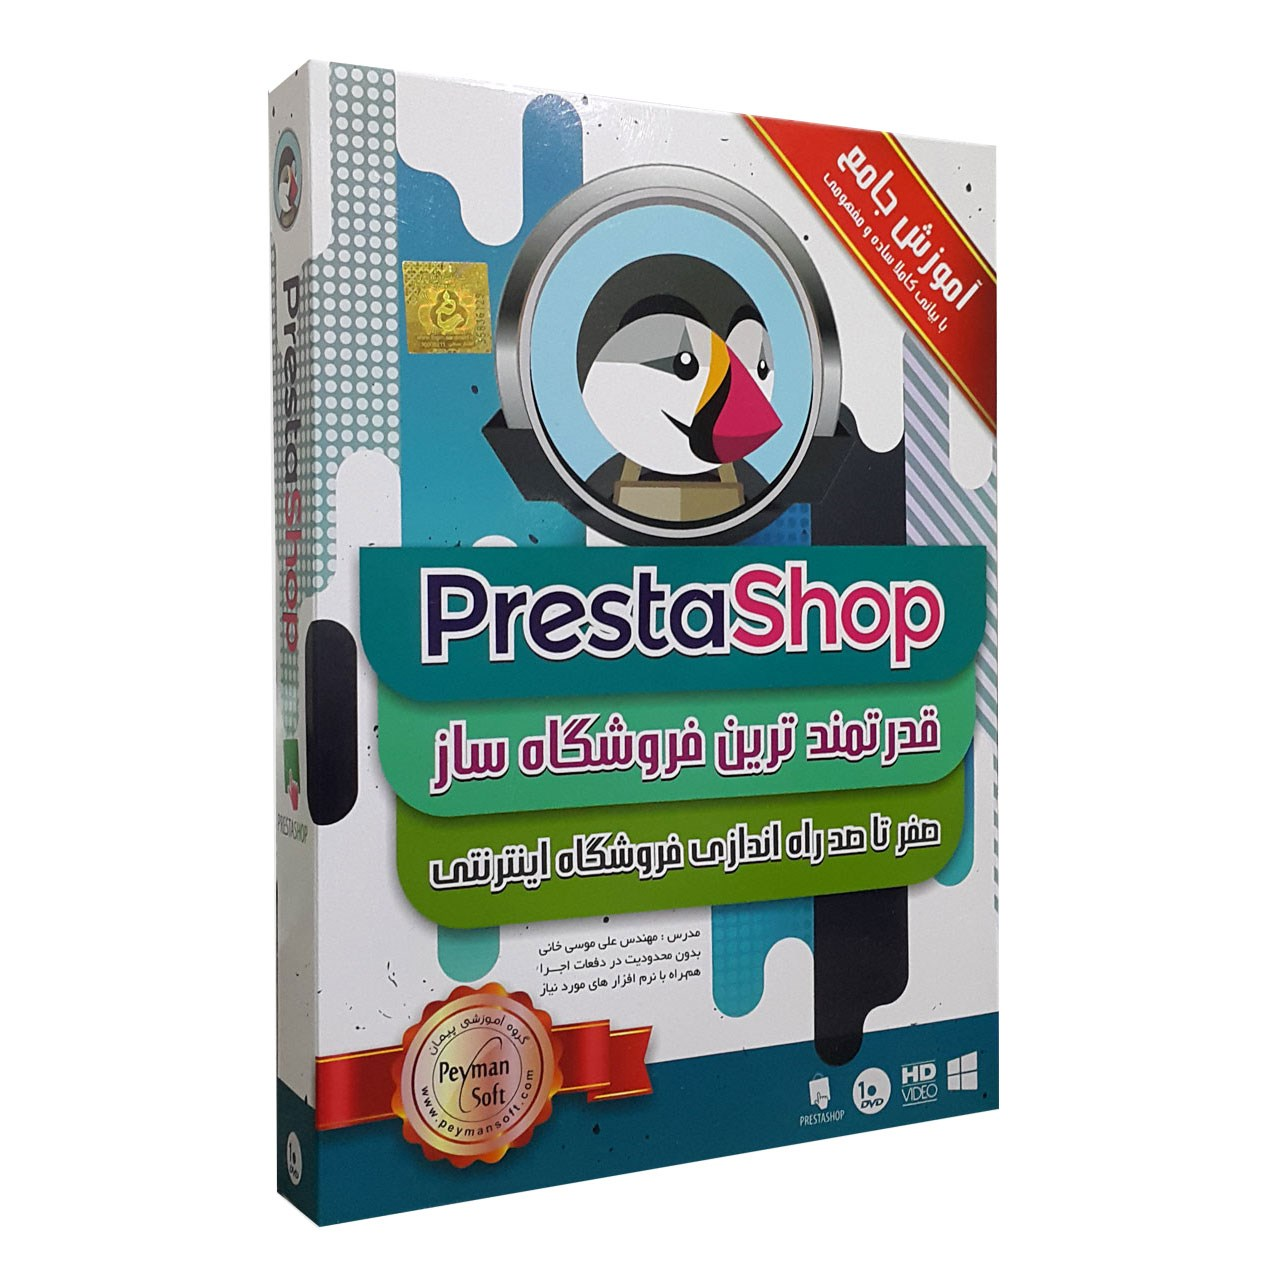 نرم افزار آموزش طراحی سایت فروشگاه اینترنتی پرستاشاپ نشر پیمان سافت